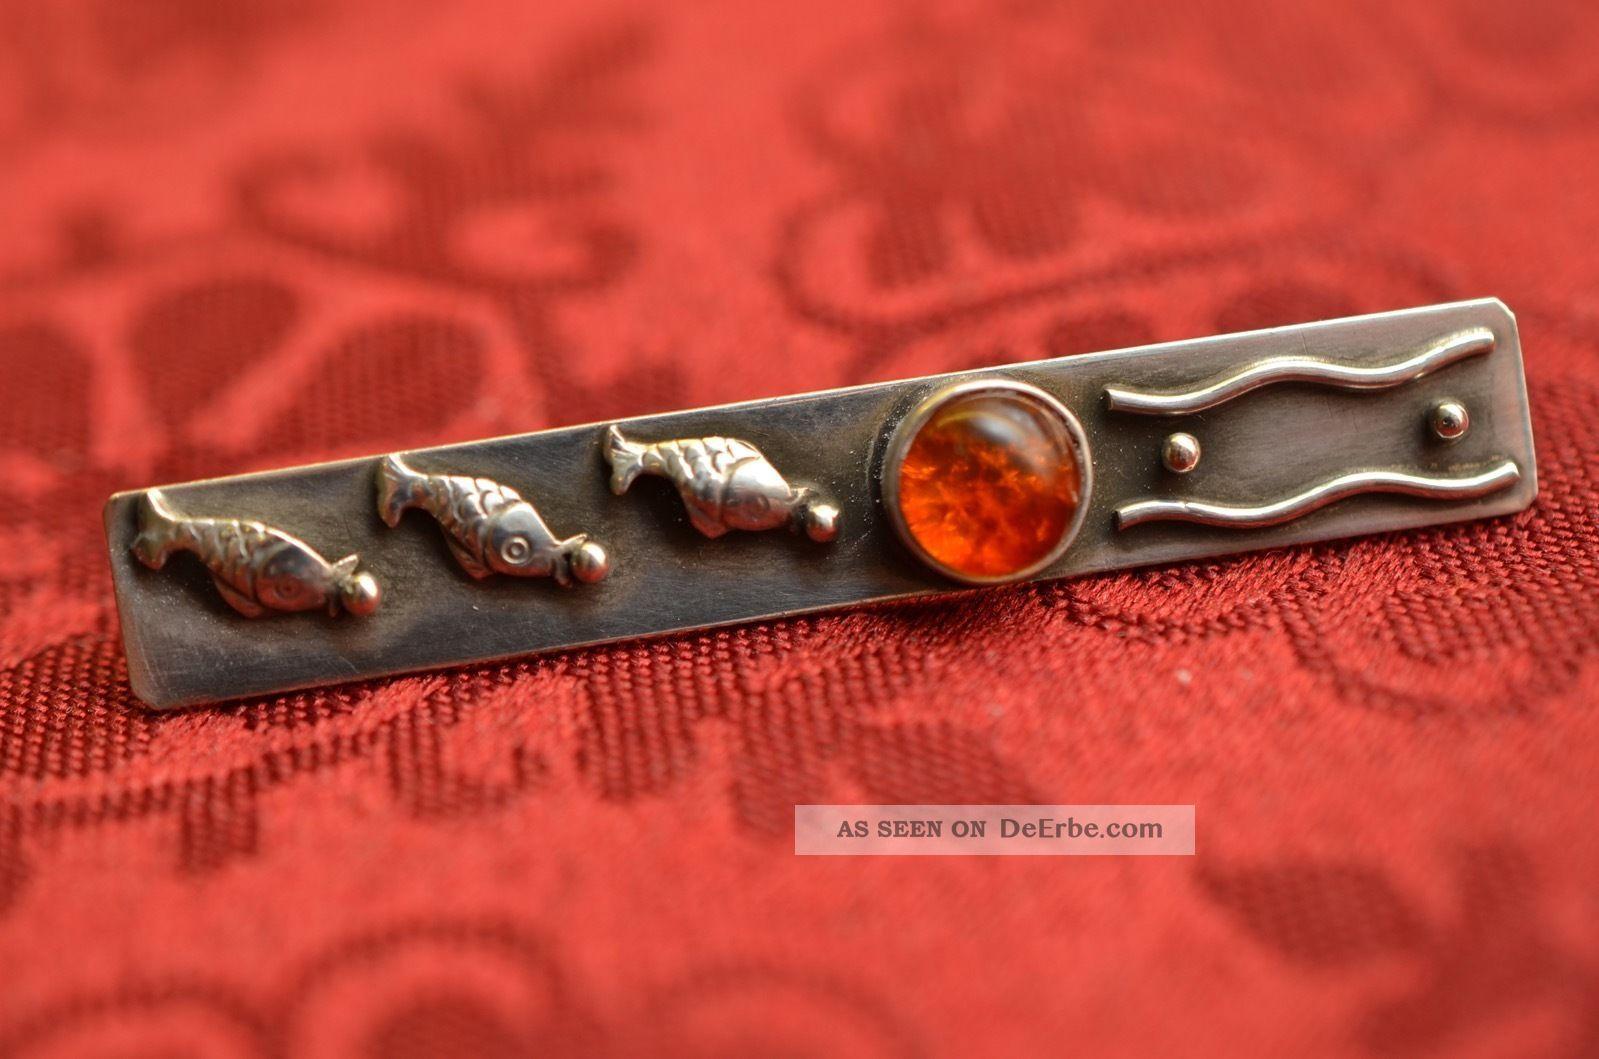 Alte Schöne Ausgefallene Jugendstil Brosche Silber 835 Mit Bernstein Broschen Bild